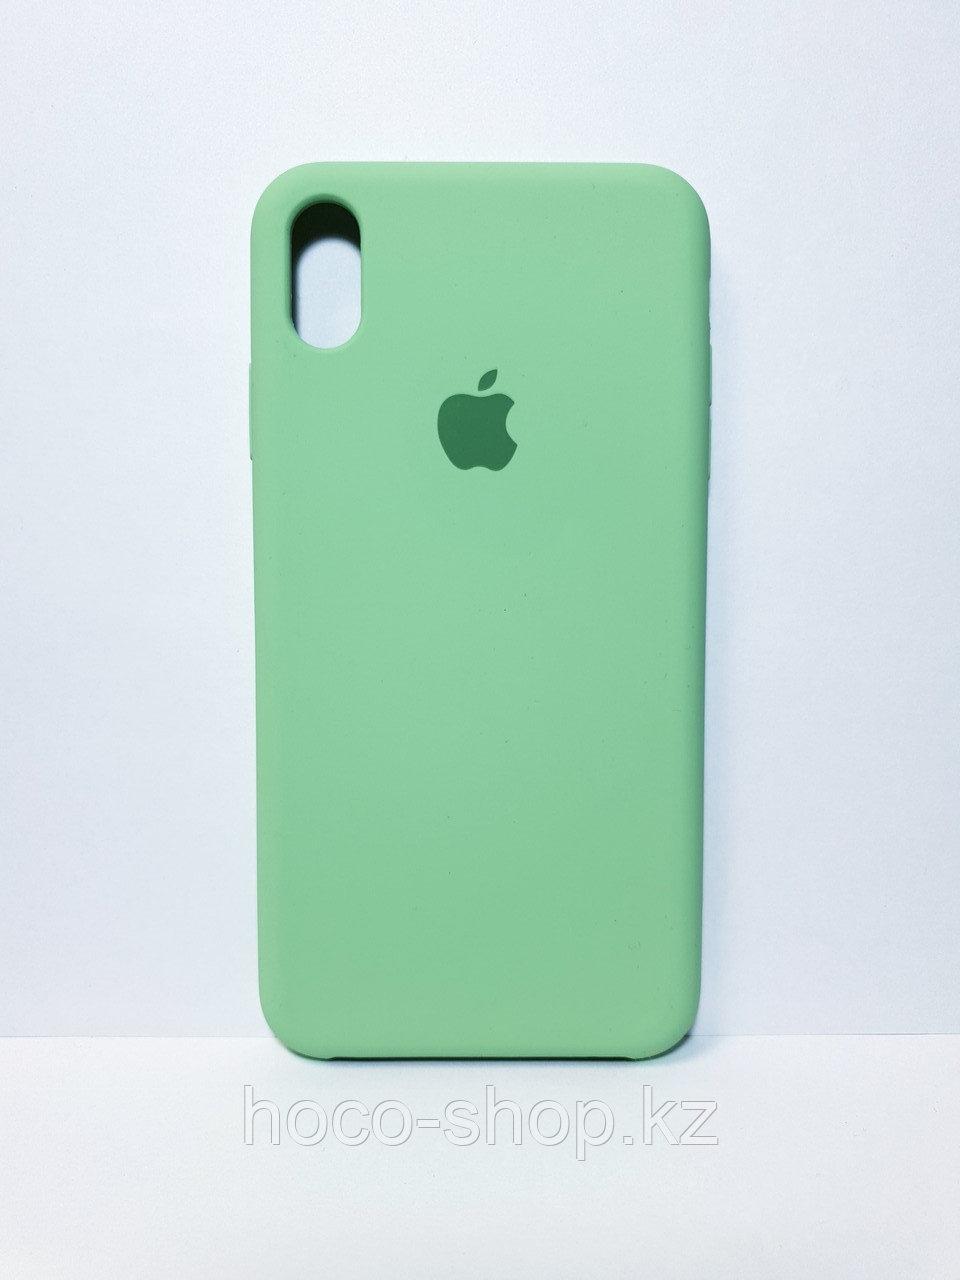 Защитный чехол для iPhone Xs Max Soft Touch силиконовый, зеленый